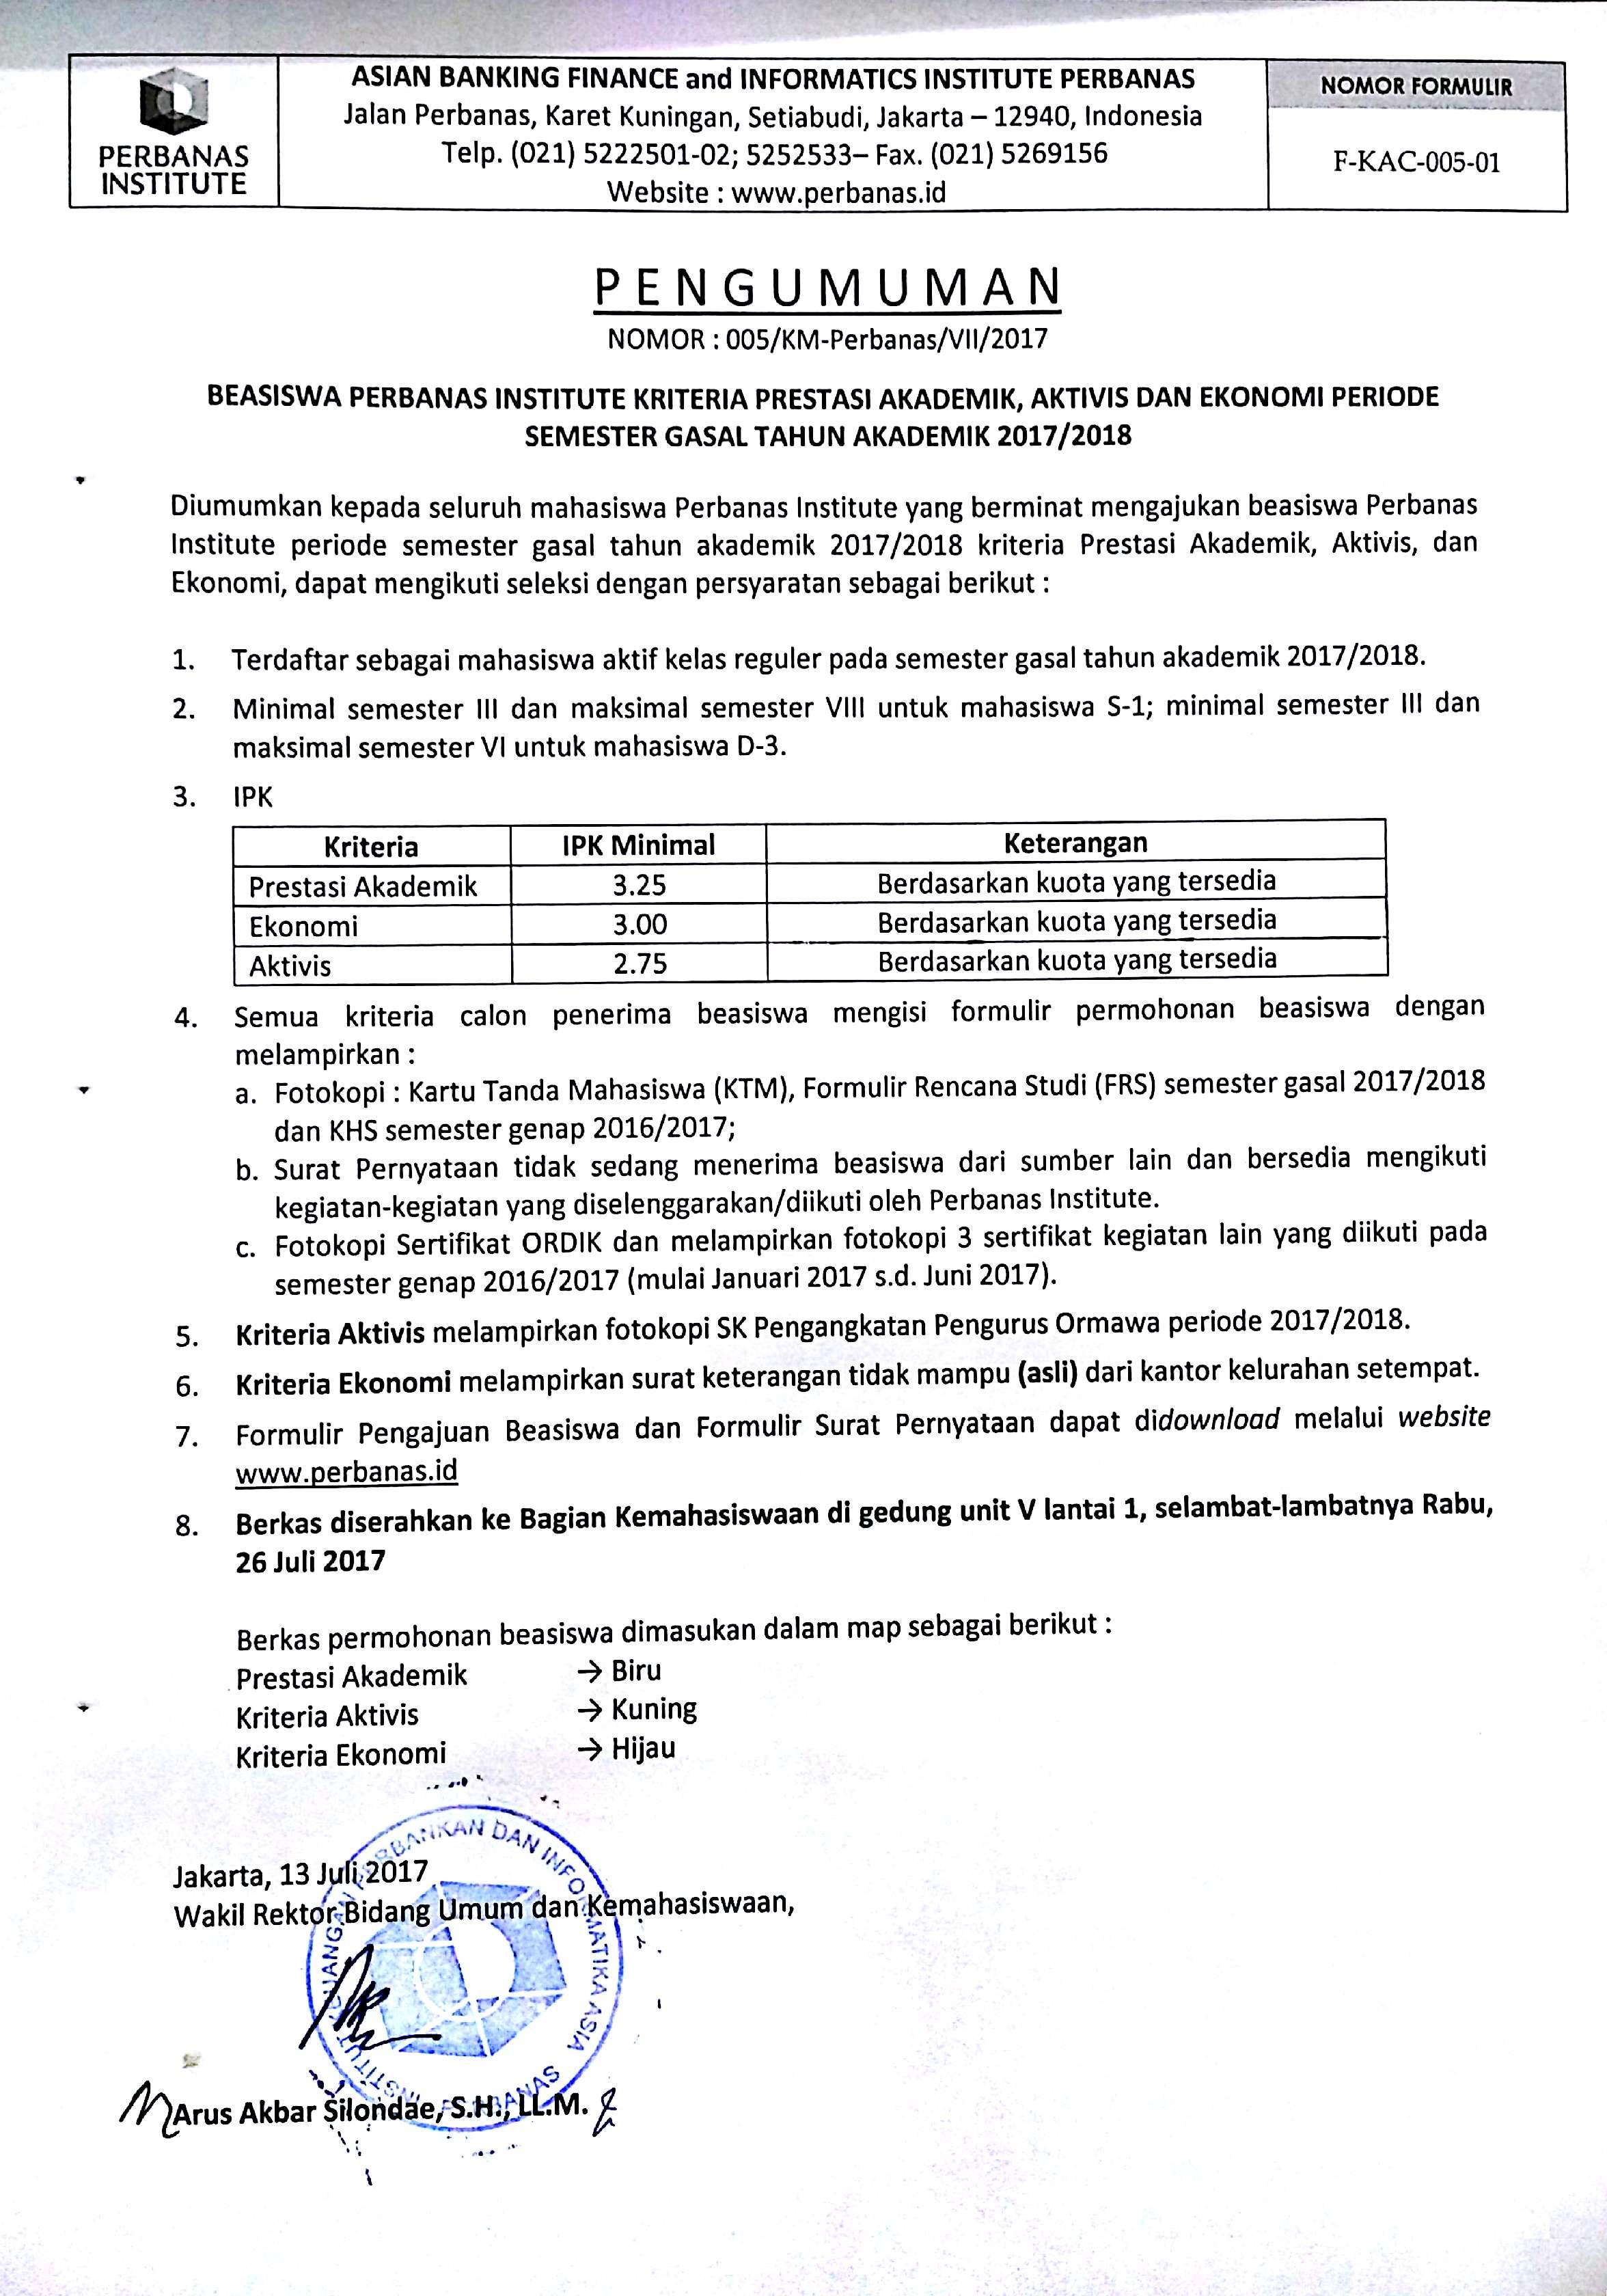 BEASISWA PRESTASI AKADEMIK, AKTIVIS DAN EKONOMI SEMESTER GASAL TAHUN AKADEMIK 2017/2018